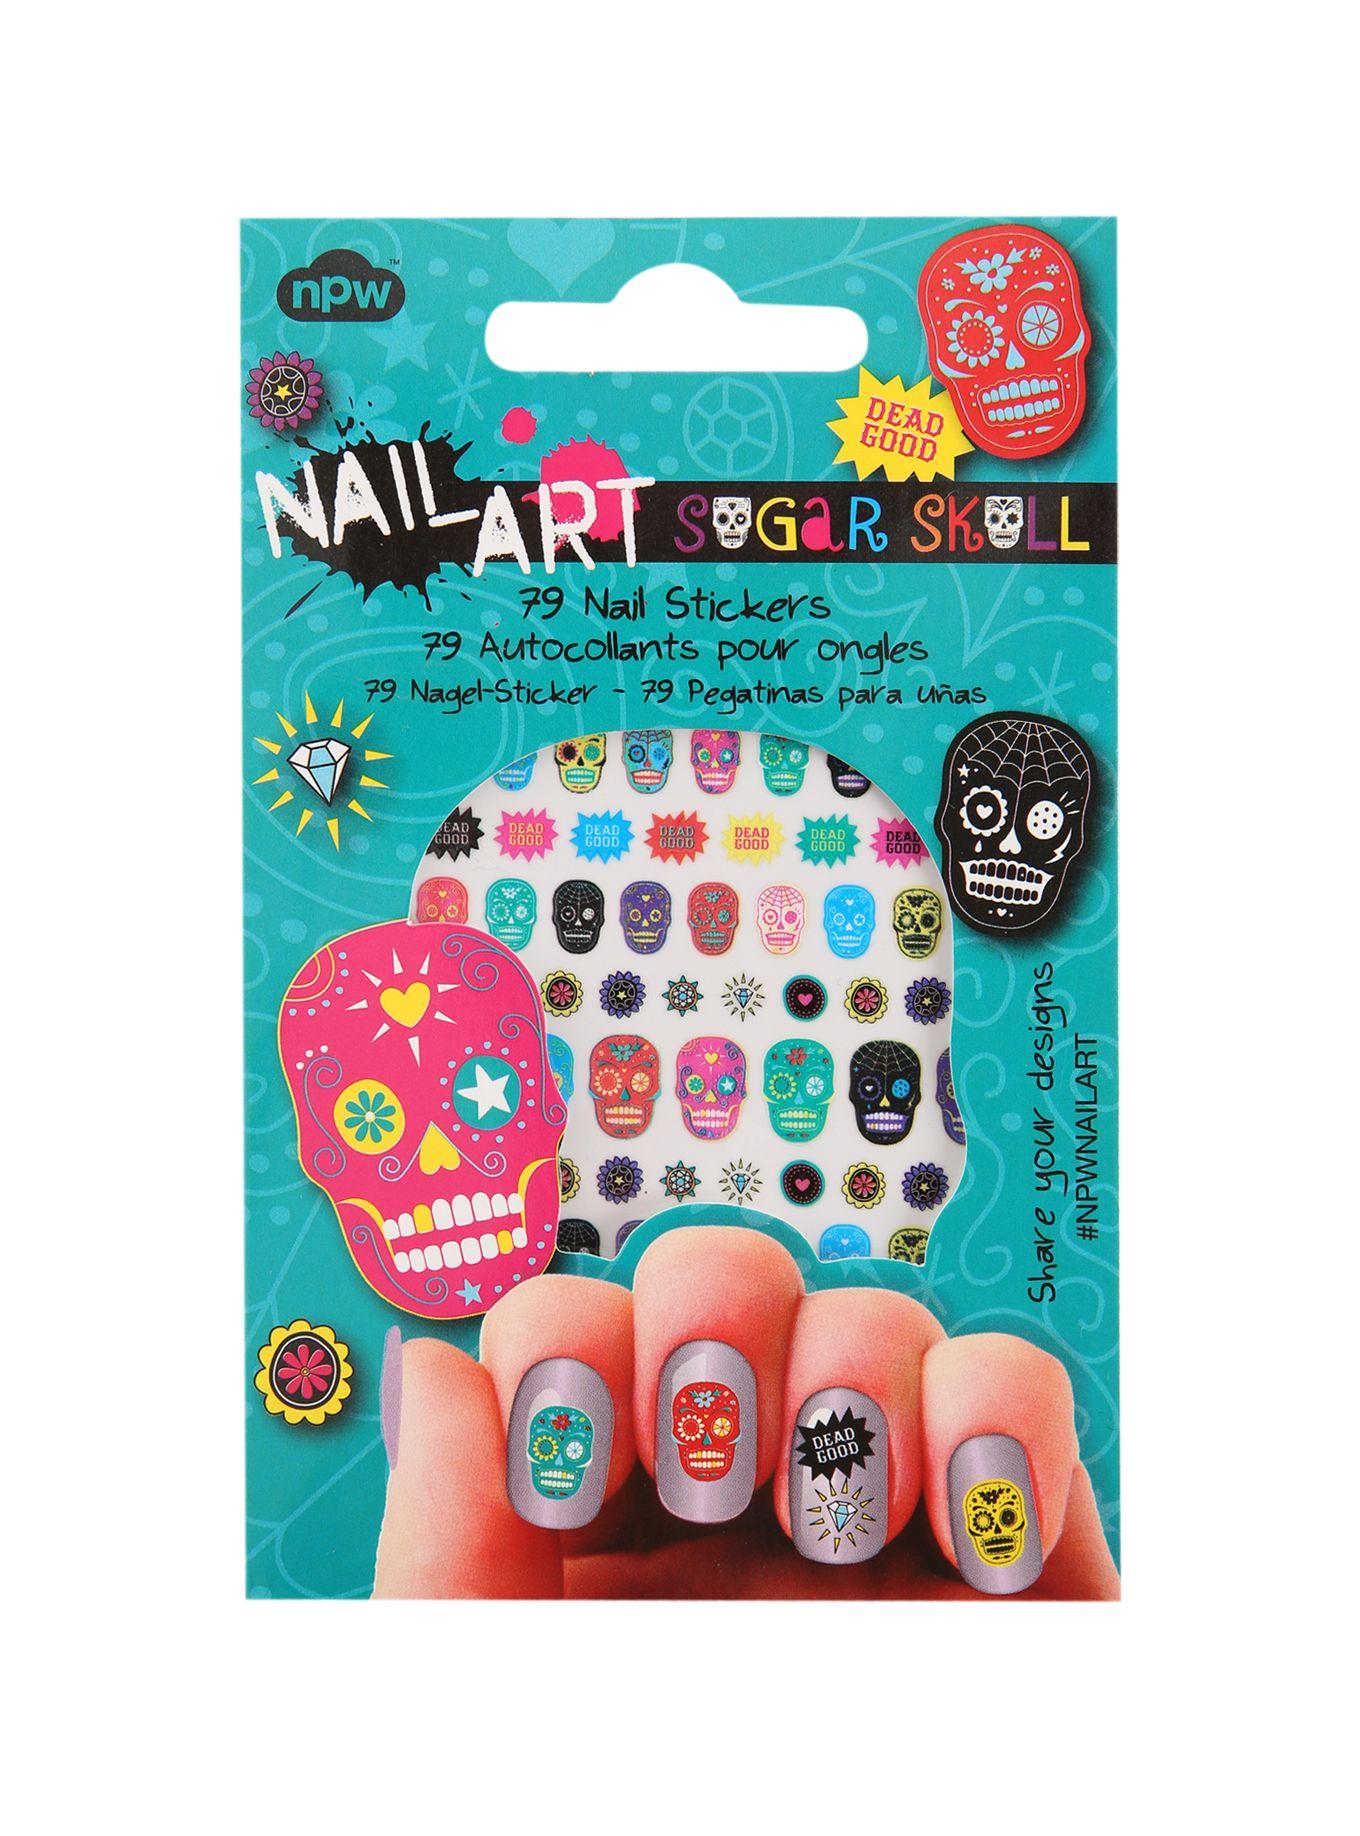 Nail Art Sugar Skull Nail Stickers | Hot Topic | Nails | Pinterest ...